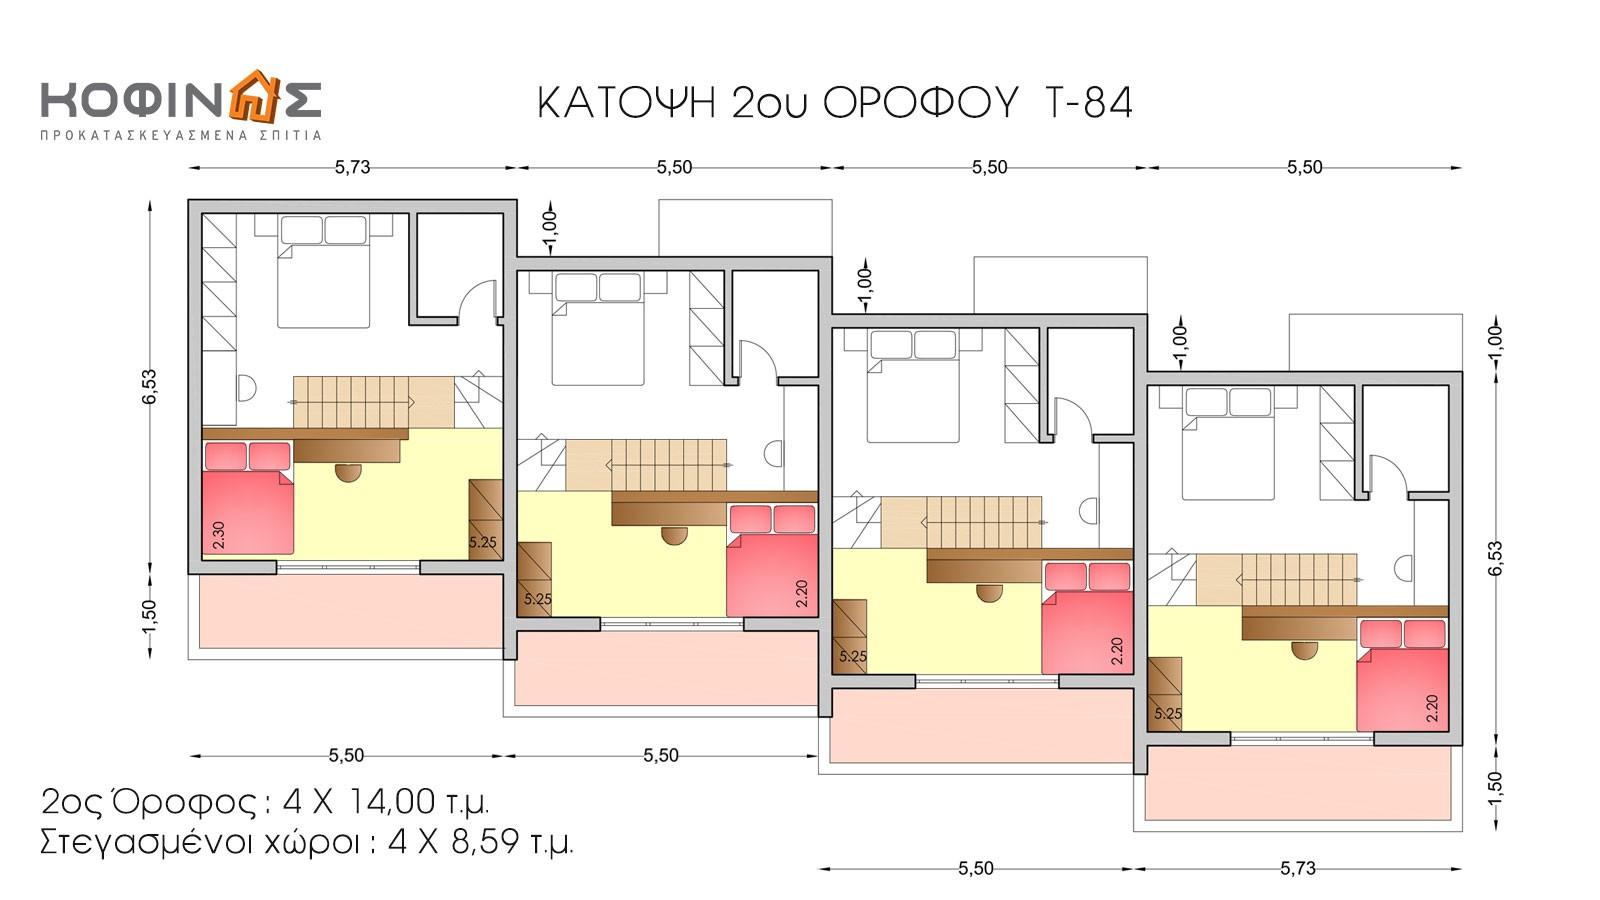 Τριώροφη Κατοικία T-84, συνολικής επιφάνειας 84,17 τ.μ.